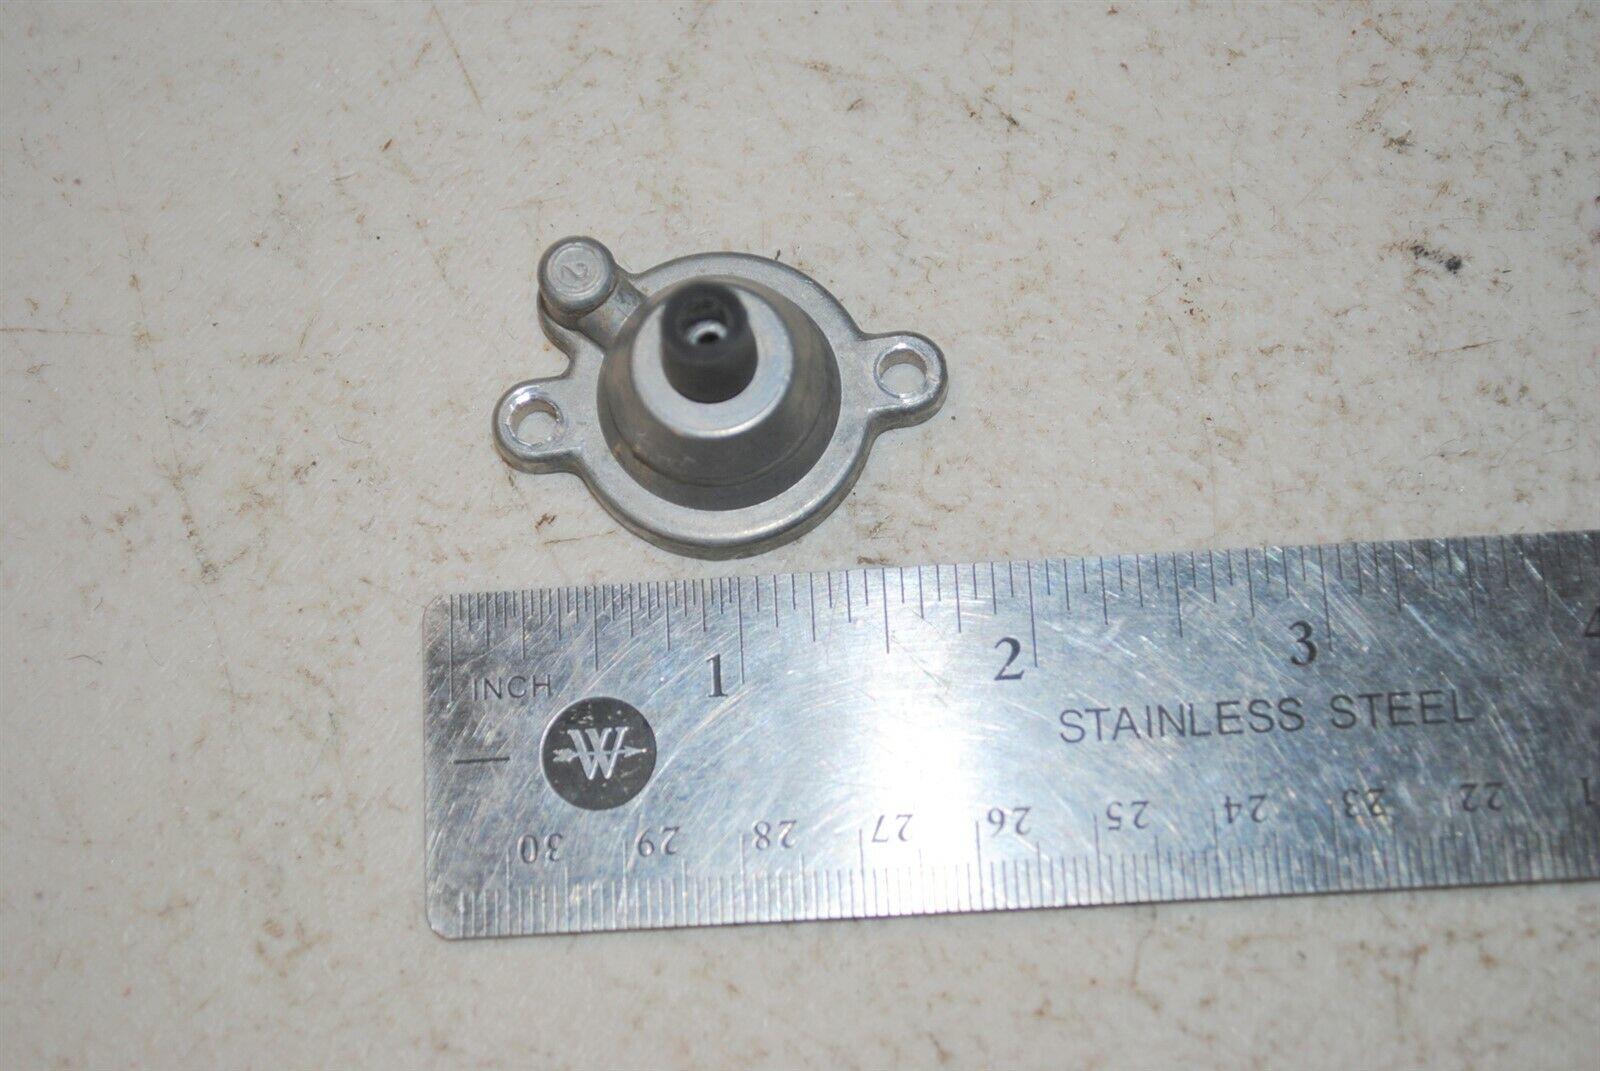 Yamaha XT350 Carburetor Carb Screw Upgrade Stainless Steel